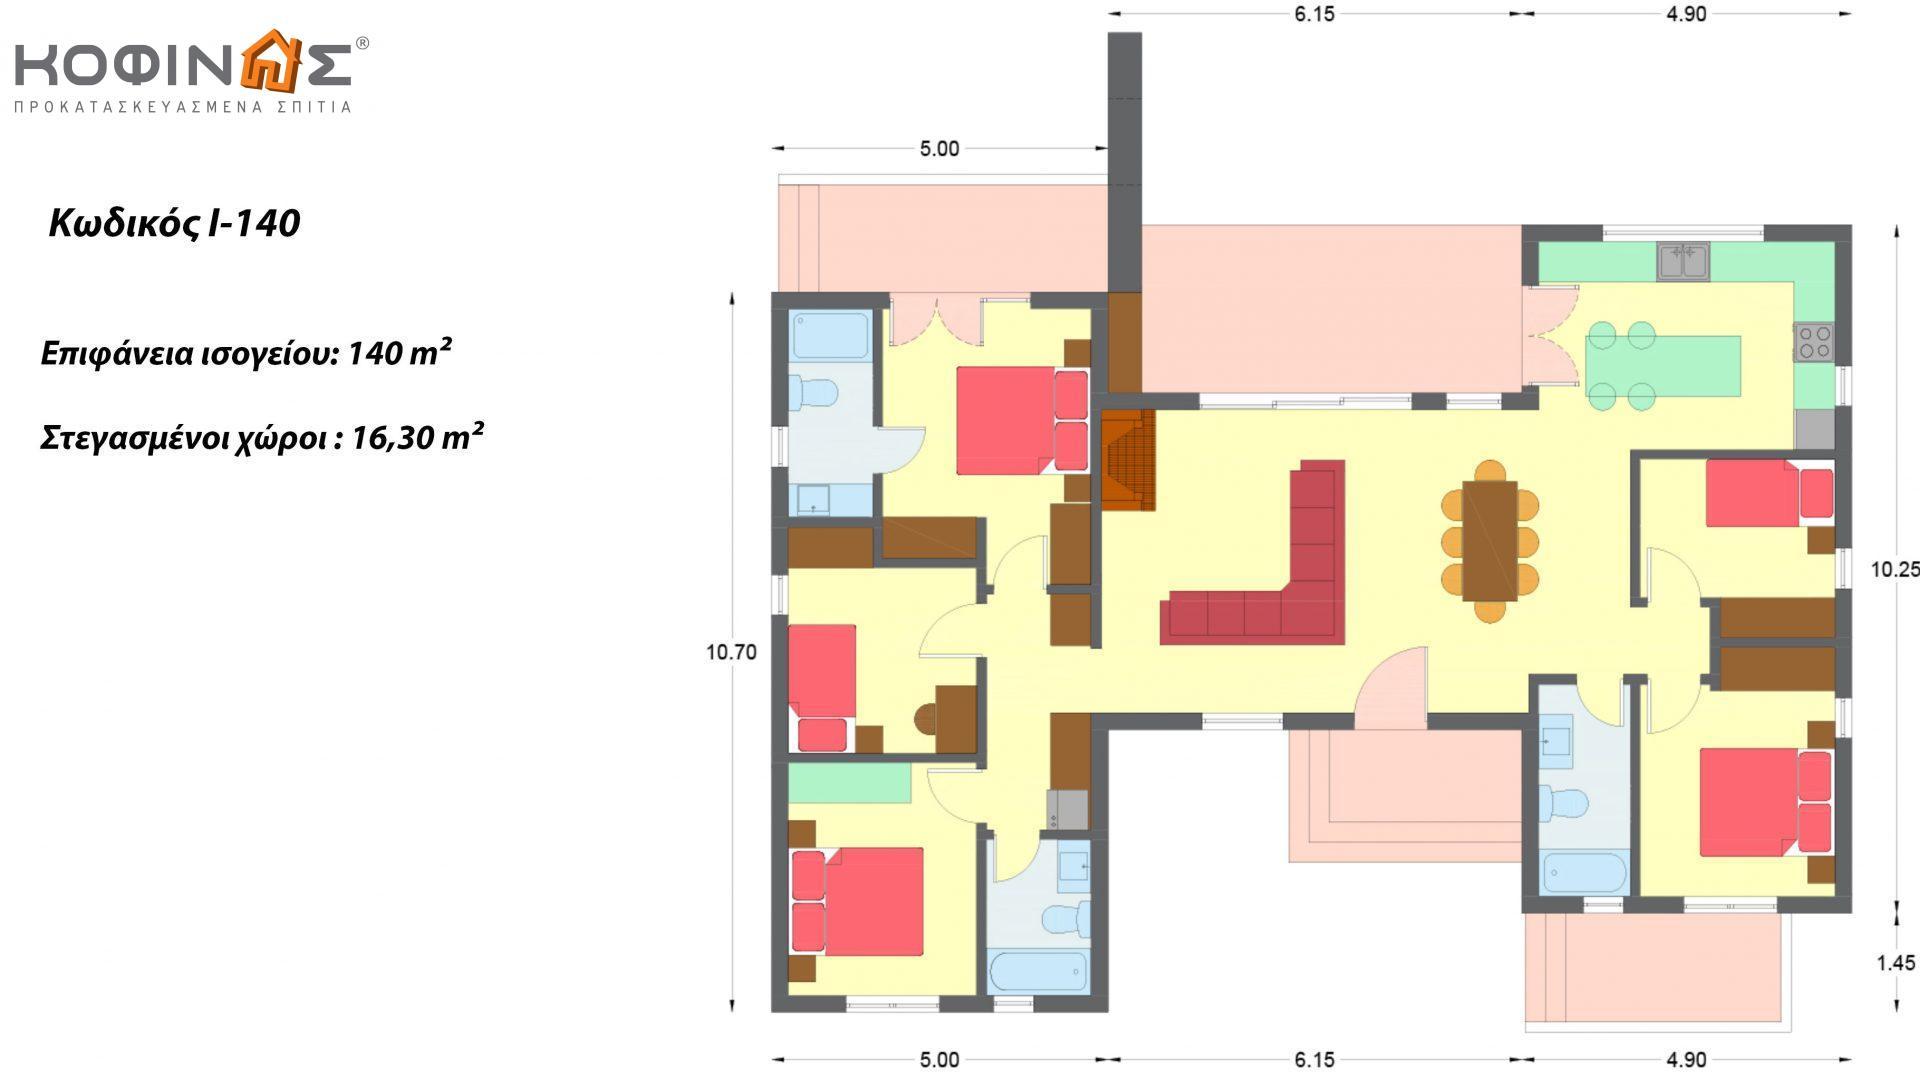 Ισόγεια Κατοικία I-140, συνολικής επιφάνειας 140 τ.μ., στεγασμένοι χώροι 16,30 τ.μ.